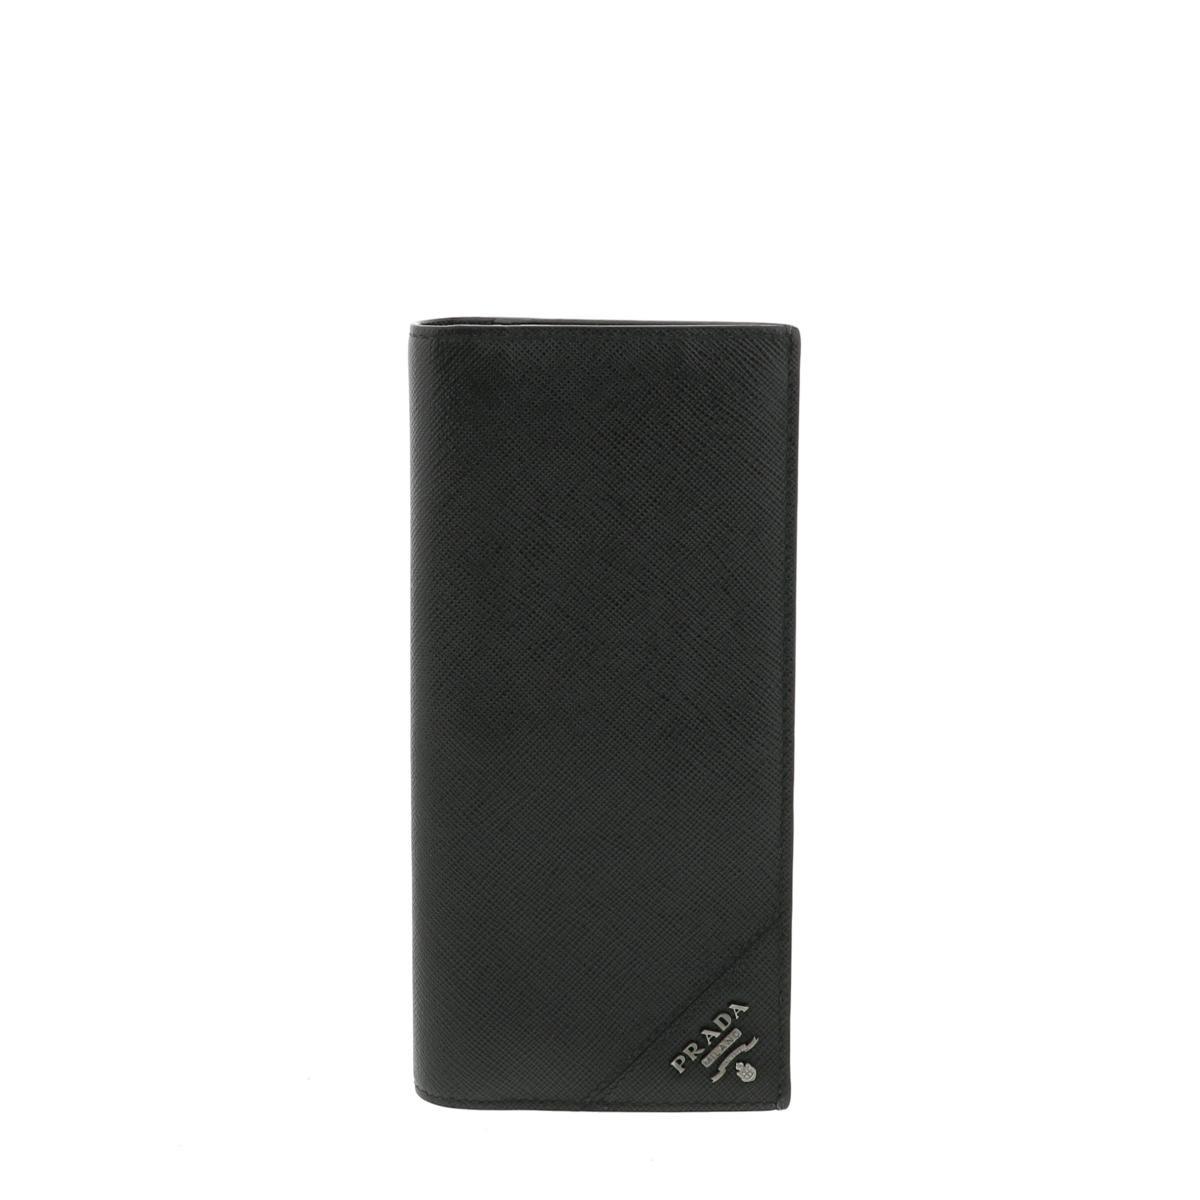 【中古】PRADA プラダ サフィアーノ 二つ折り長財布 財布 長財布(小銭入有)  Black/ブラック 2MV836 used:A